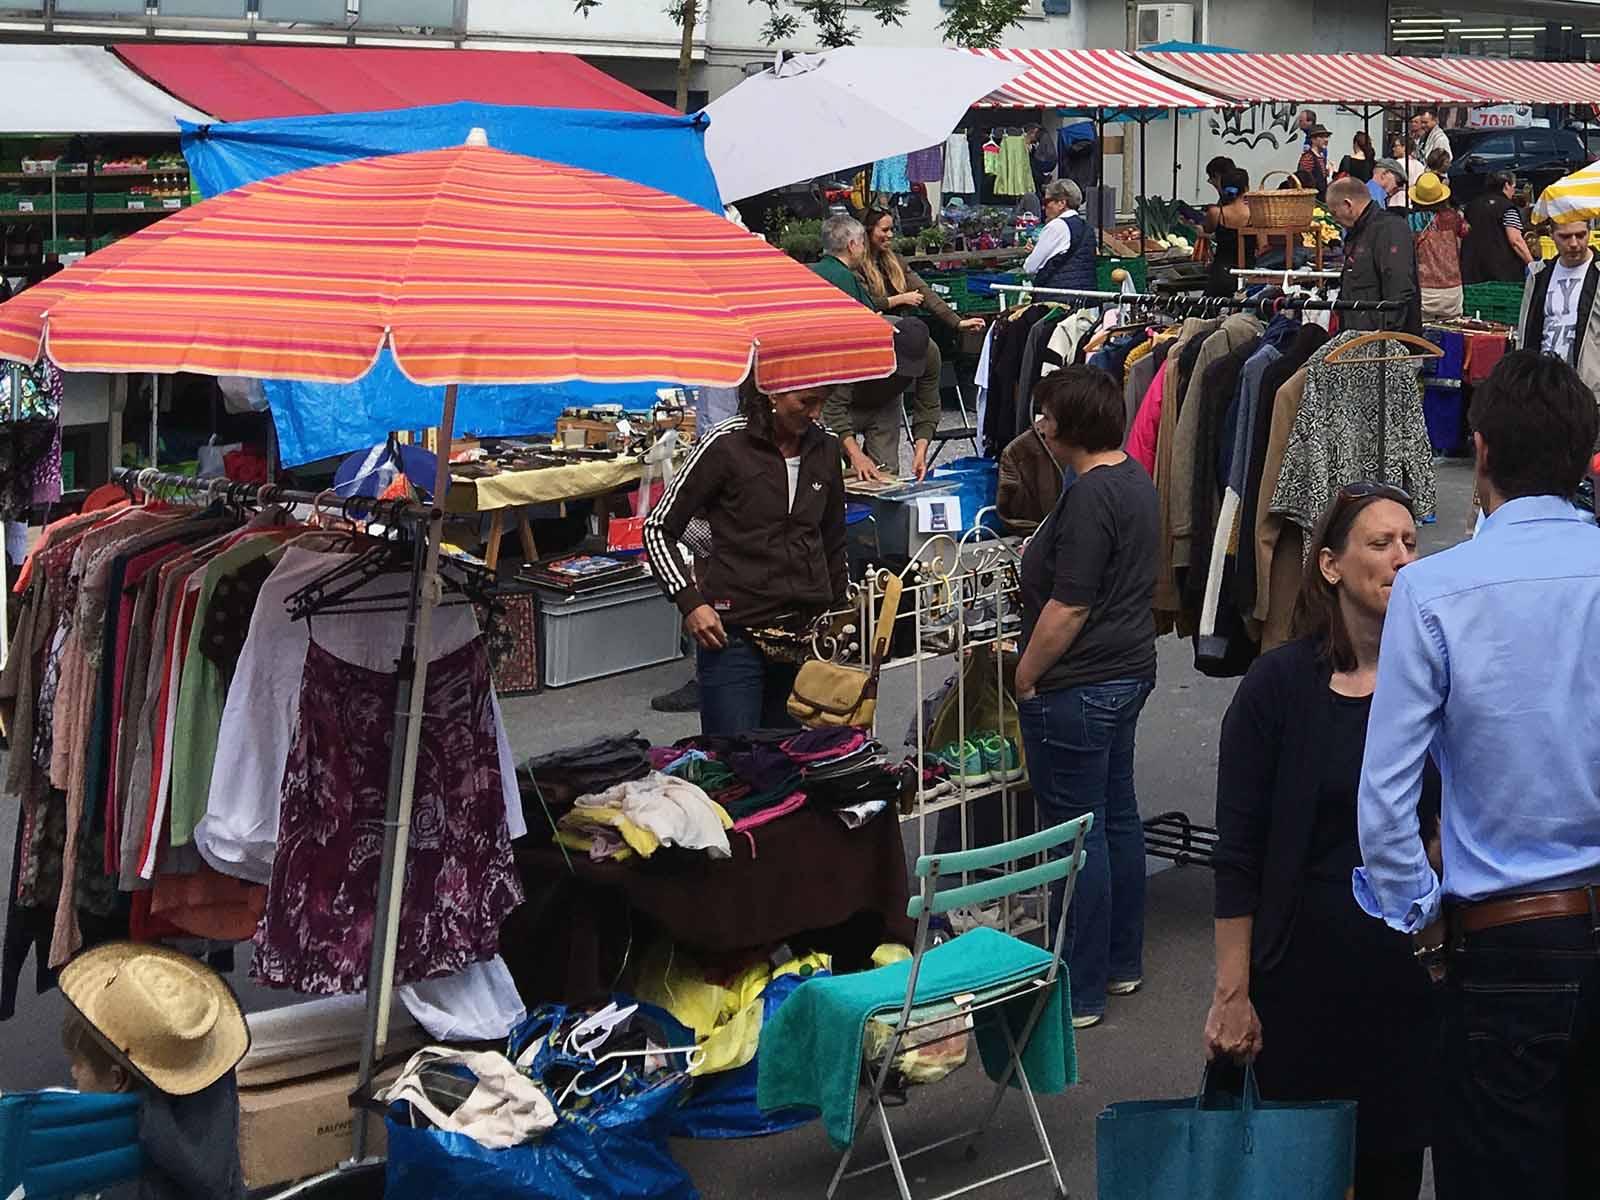 Legenden:In diesem Jahr findet der Flohmarkt nicht mehr auf dem Röschibachplatz statt sondern auf dem Areal des Parkplatz Letten.